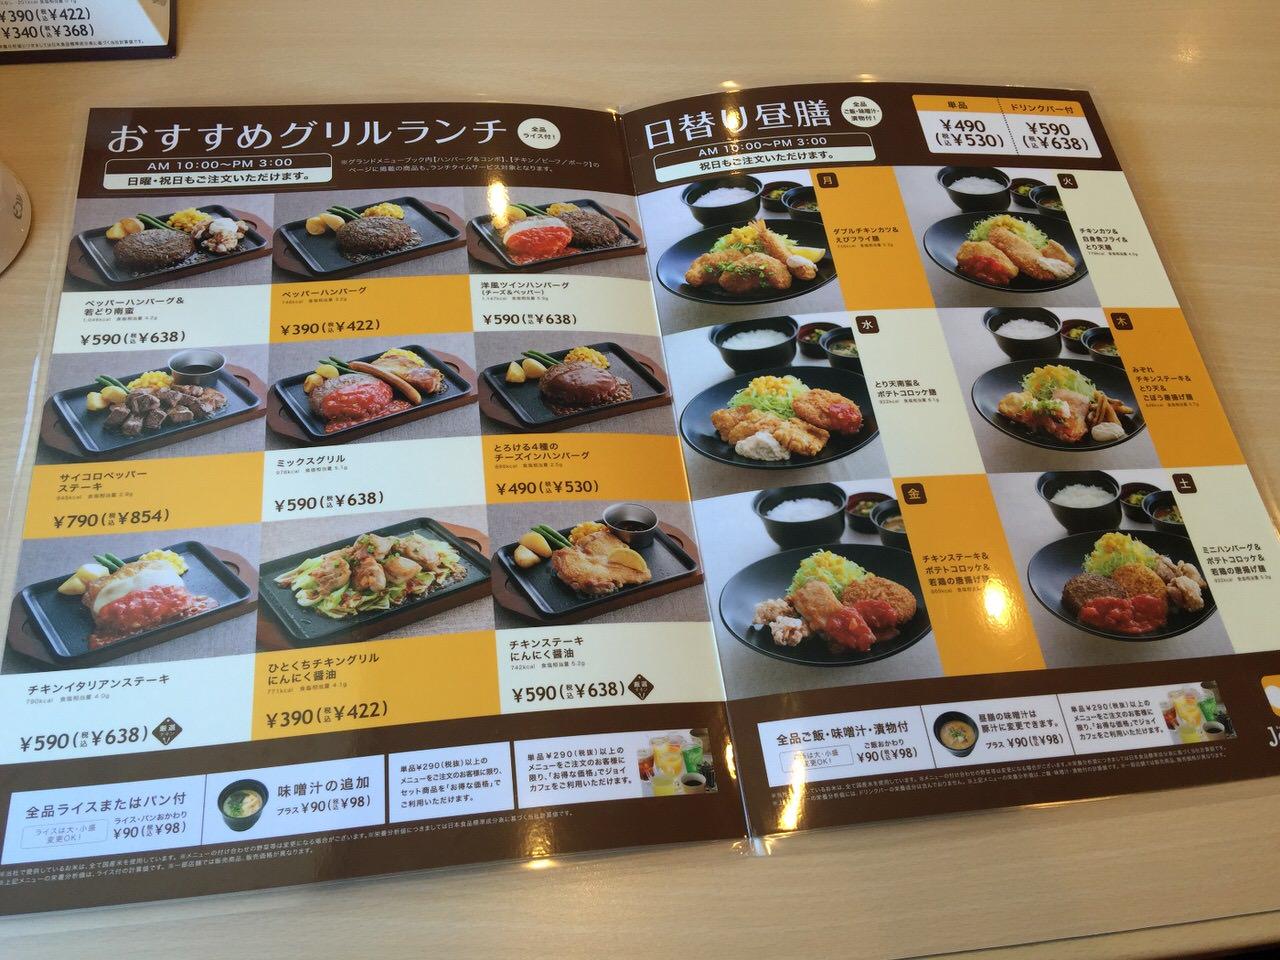 Joyfull yashio 7792